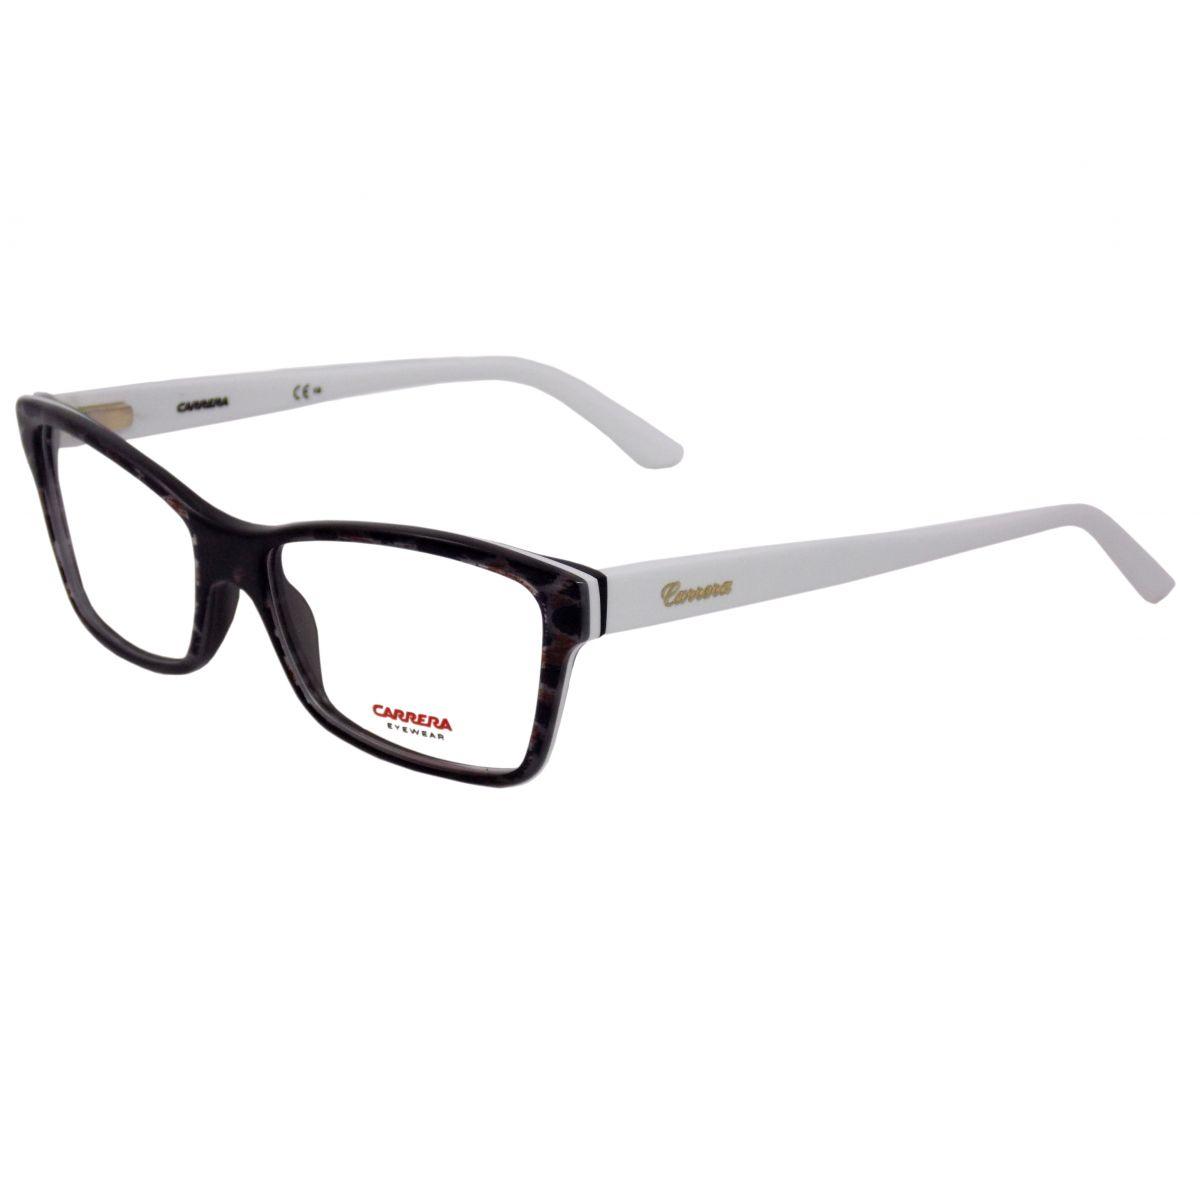 e23275b4e7743 Óculos De Grau Feminino Carrera CA6188 8C6 Tam.53 .